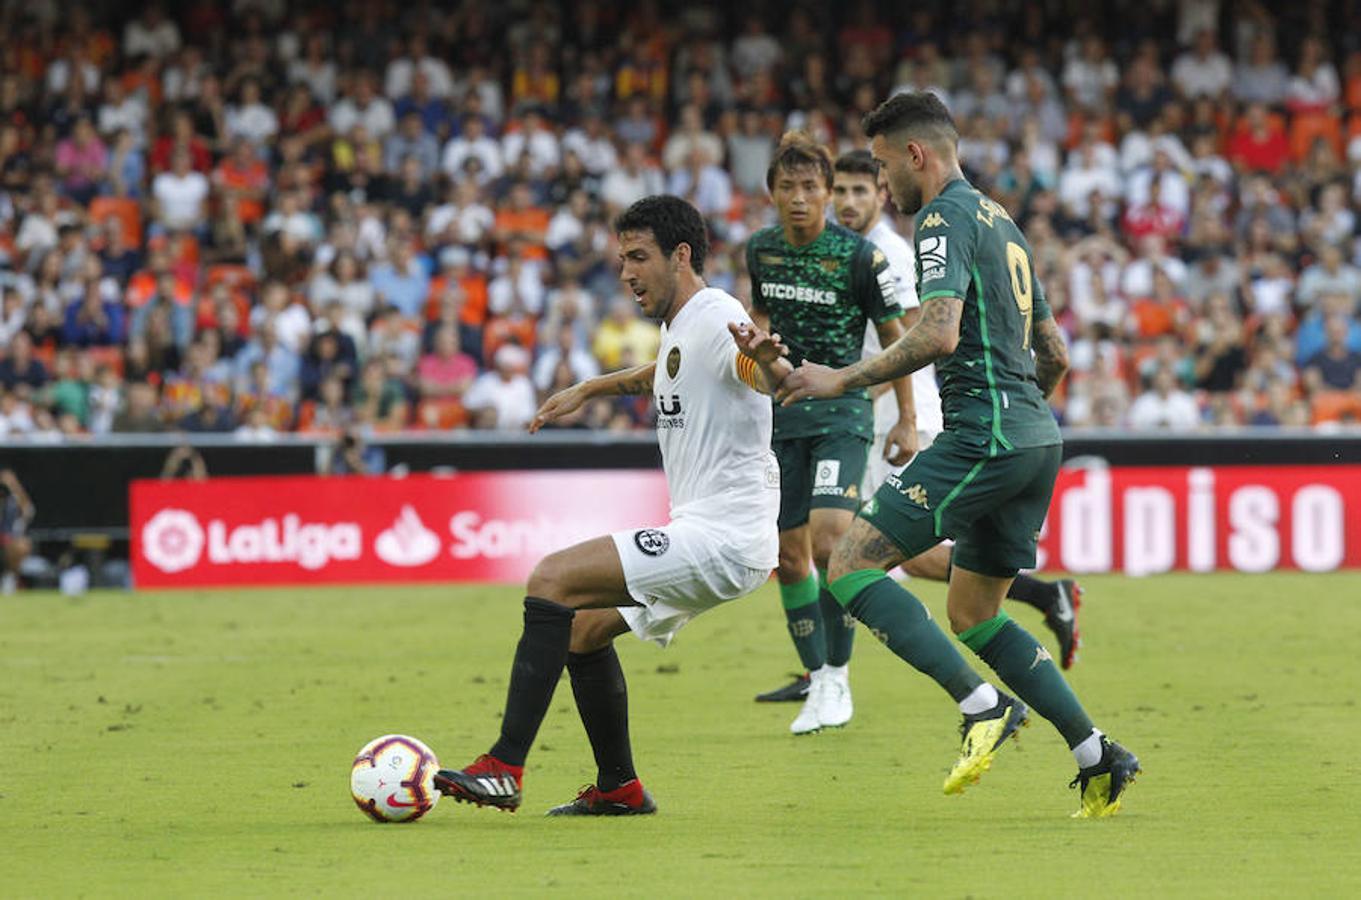 Fotos del Valencia CF - Real Betis